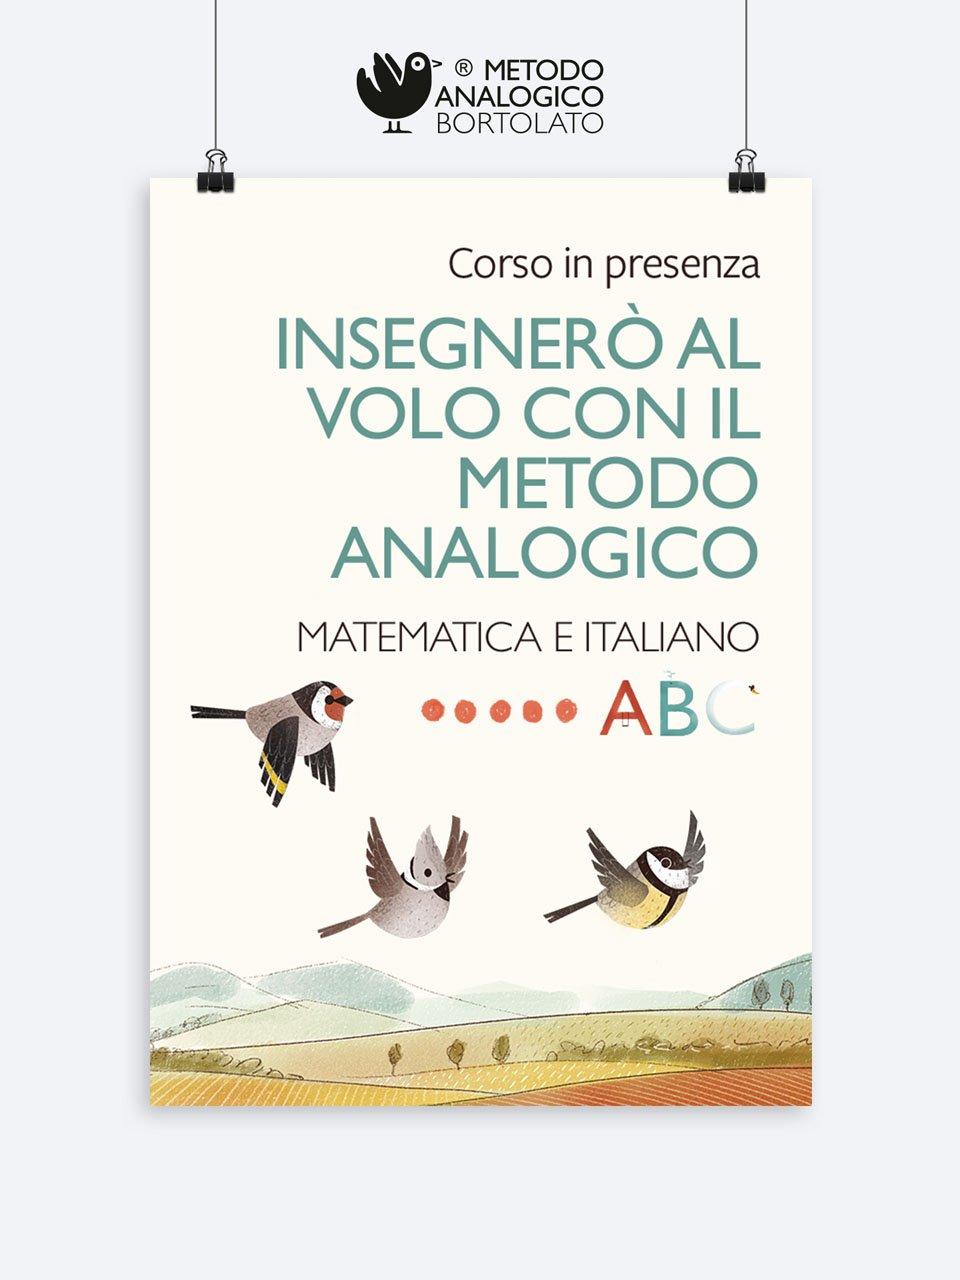 Insegnerò al volo con il Metodo Analogico – Matematica e italiano PALERMO - Metodo Analogico Formazione - Erickson